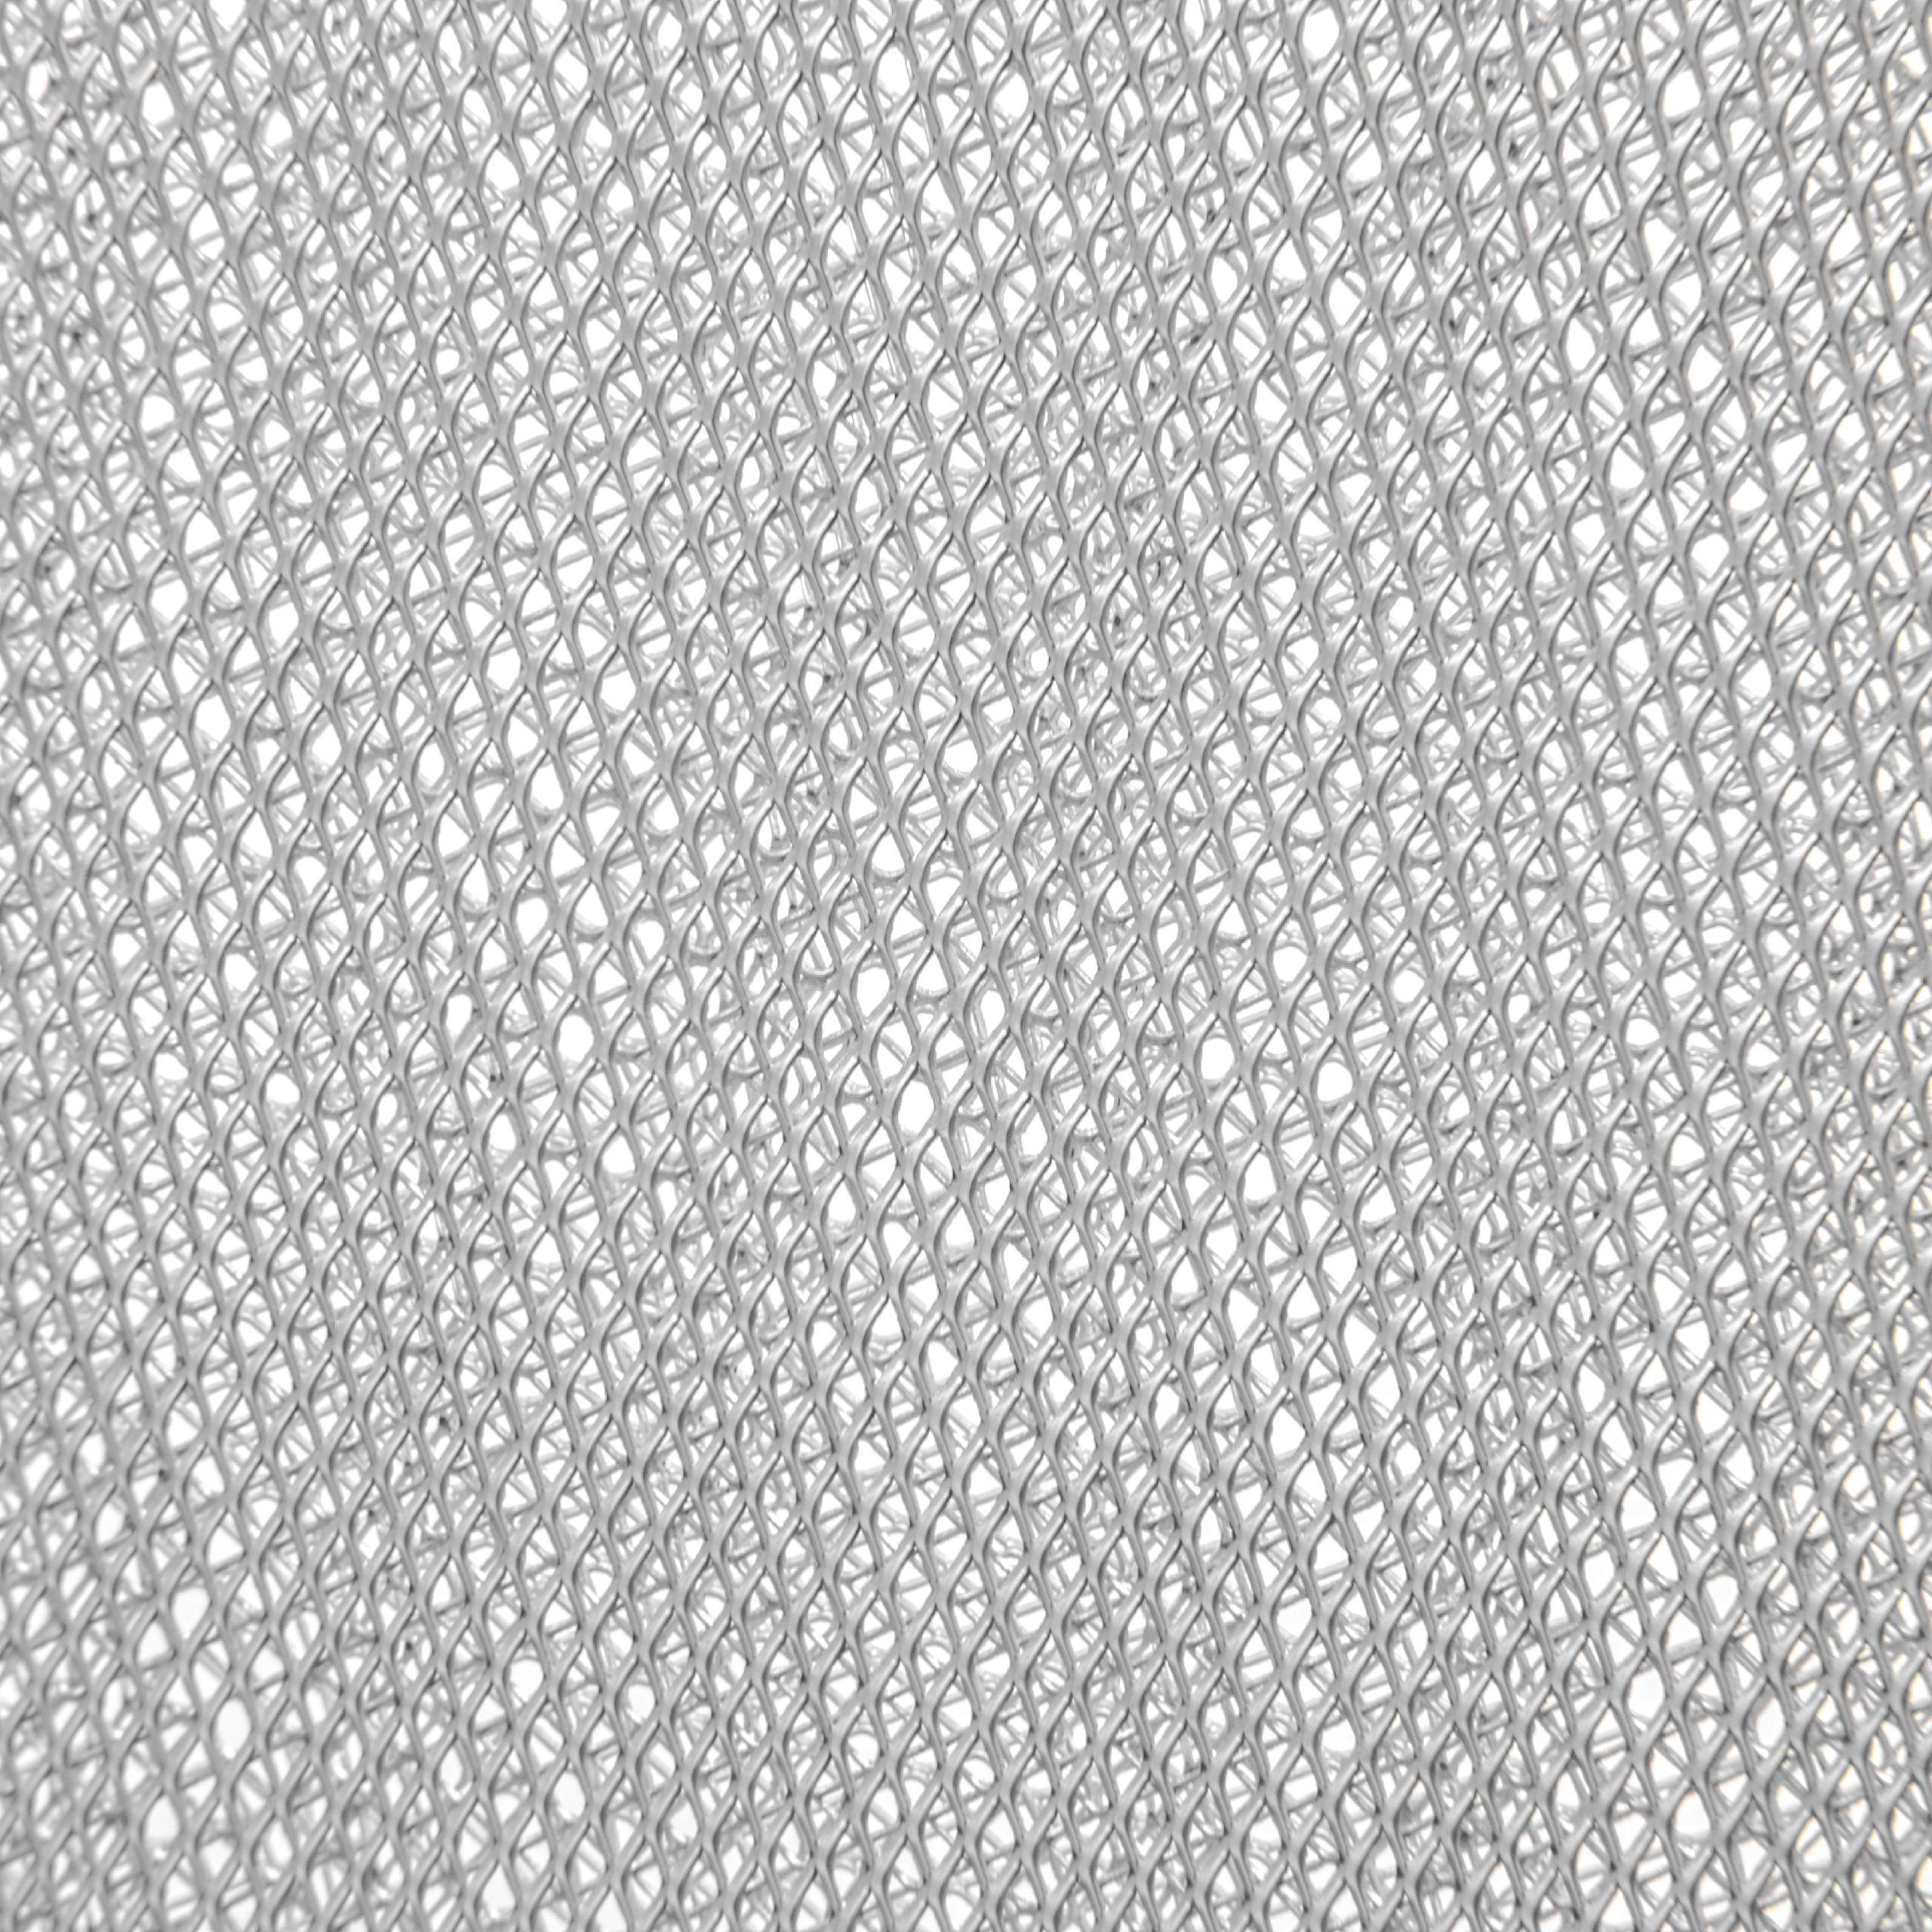 857971501000 Cappa aspirante Metallo Grasso Filtro per IGNIS dnhbs 65 AM X